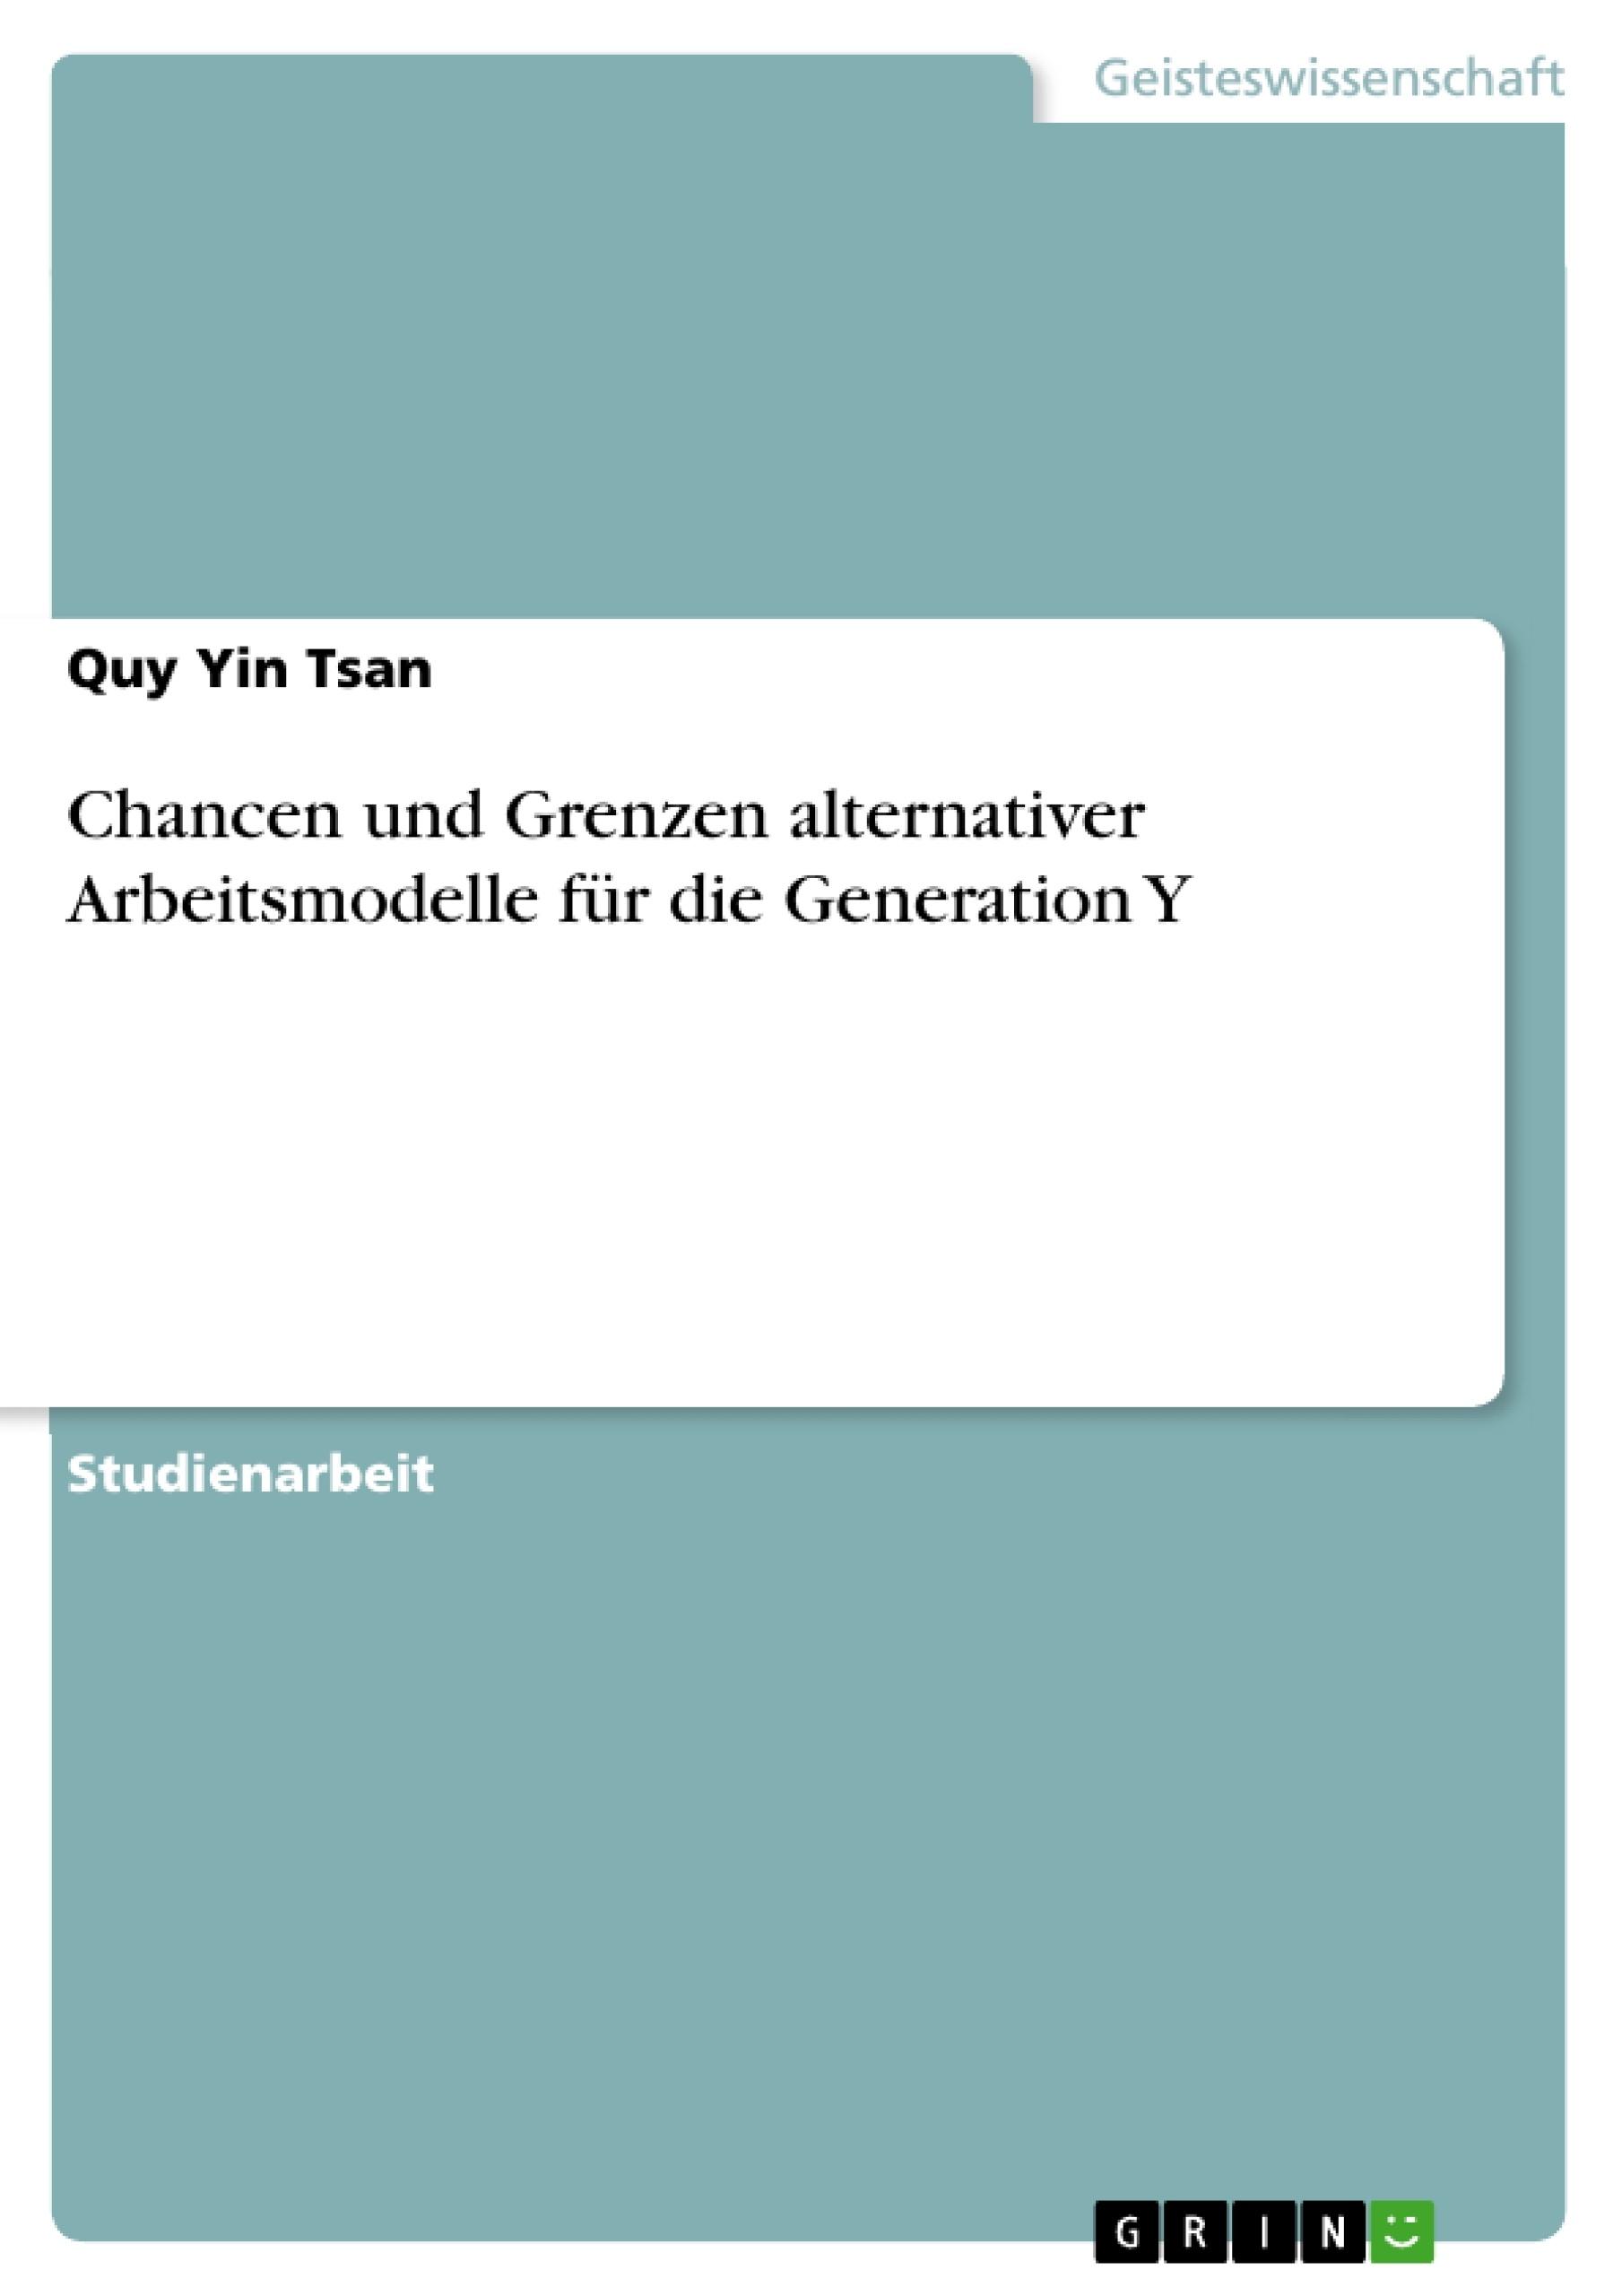 Titel: Chancen und Grenzen alternativer Arbeitsmodelle für die Generation Y